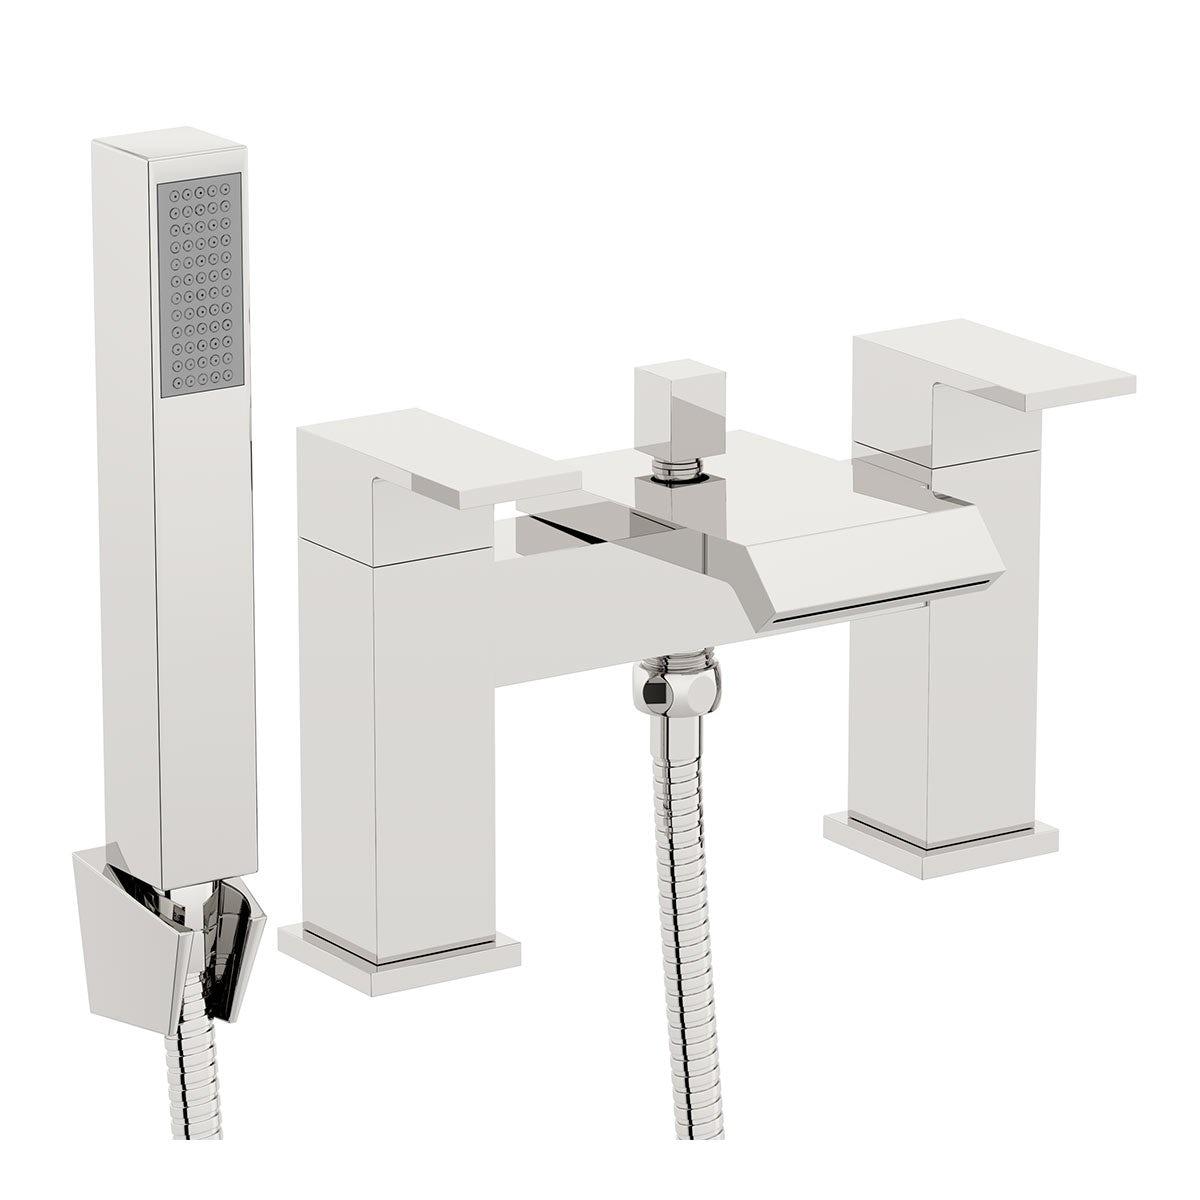 Mode Aurora bath shower mixer tap offer pack